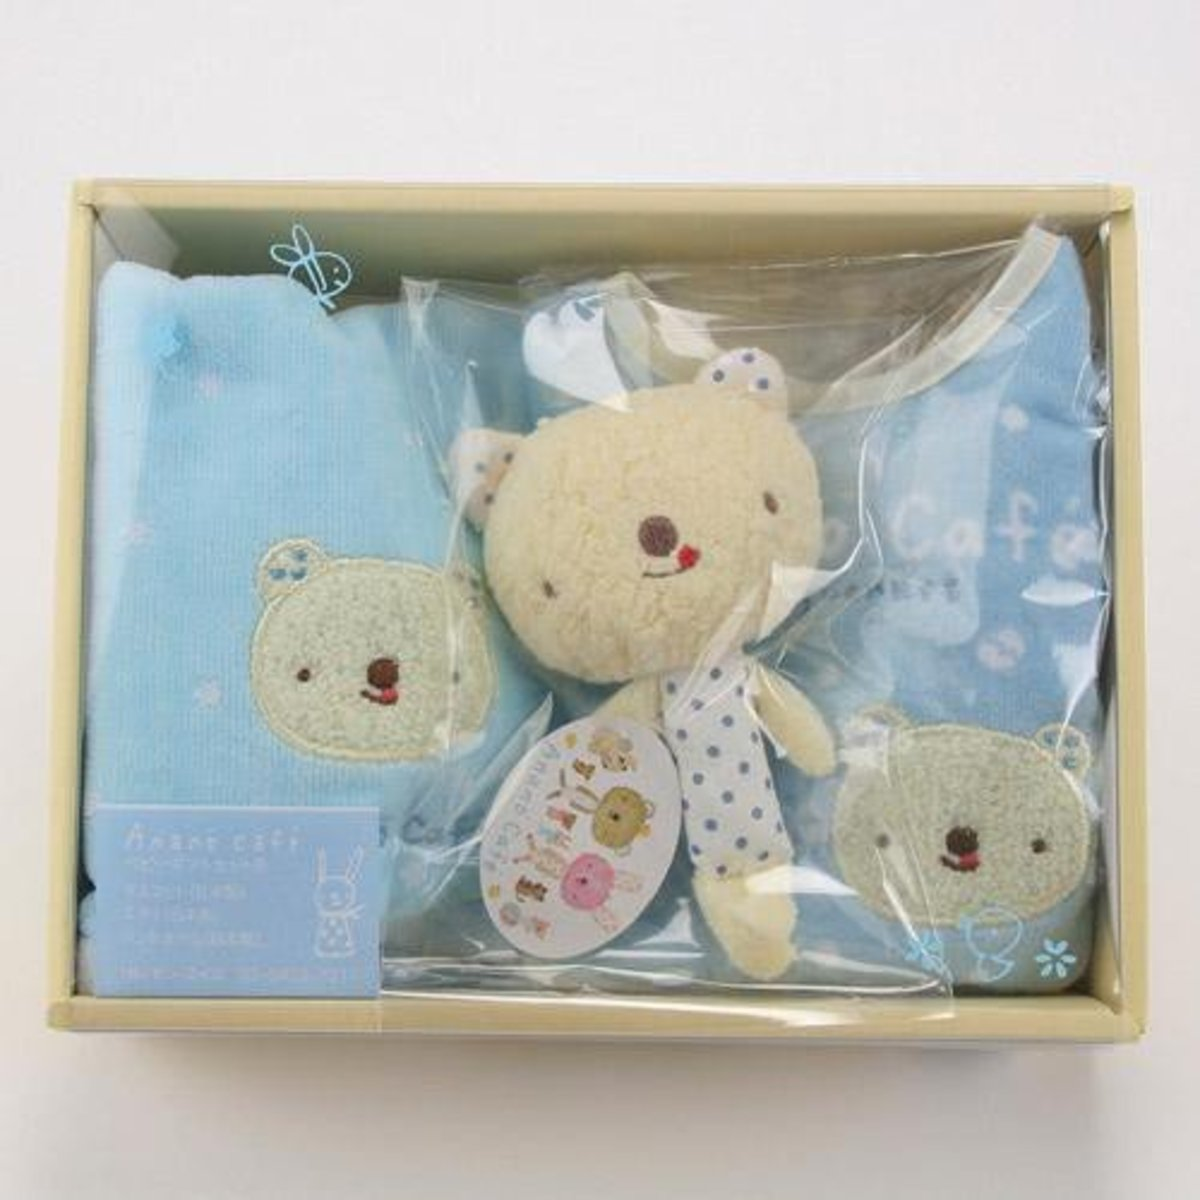 全棉初生嬰兒禮盒套裝 (日本制)- (藍色) 3件套